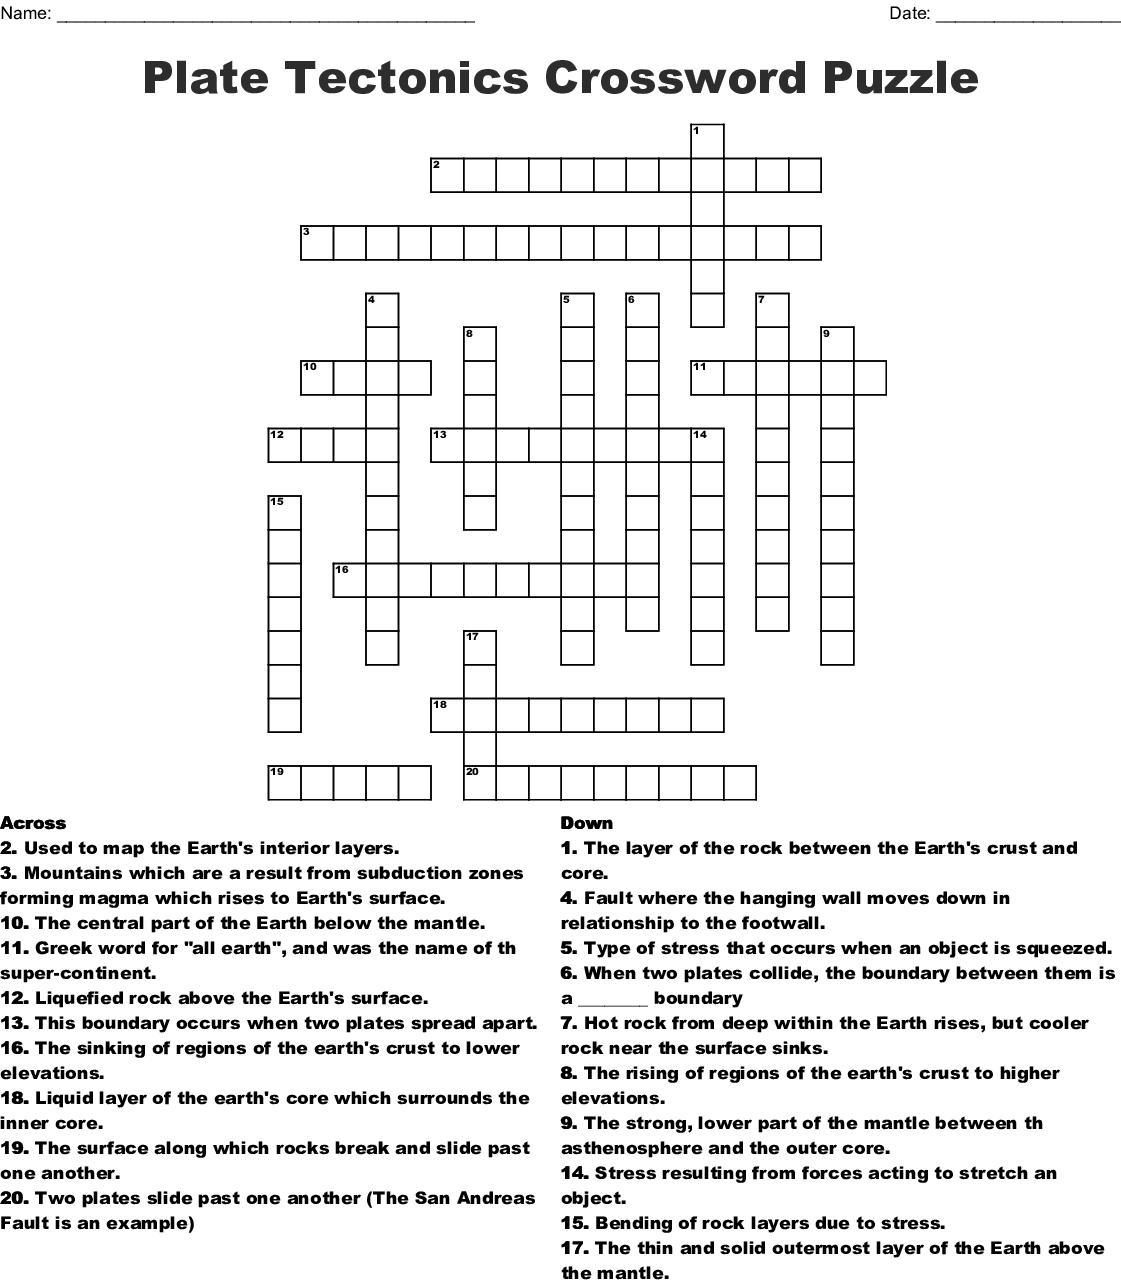 Chapter 8 Vocabulary Crossword - WordMint